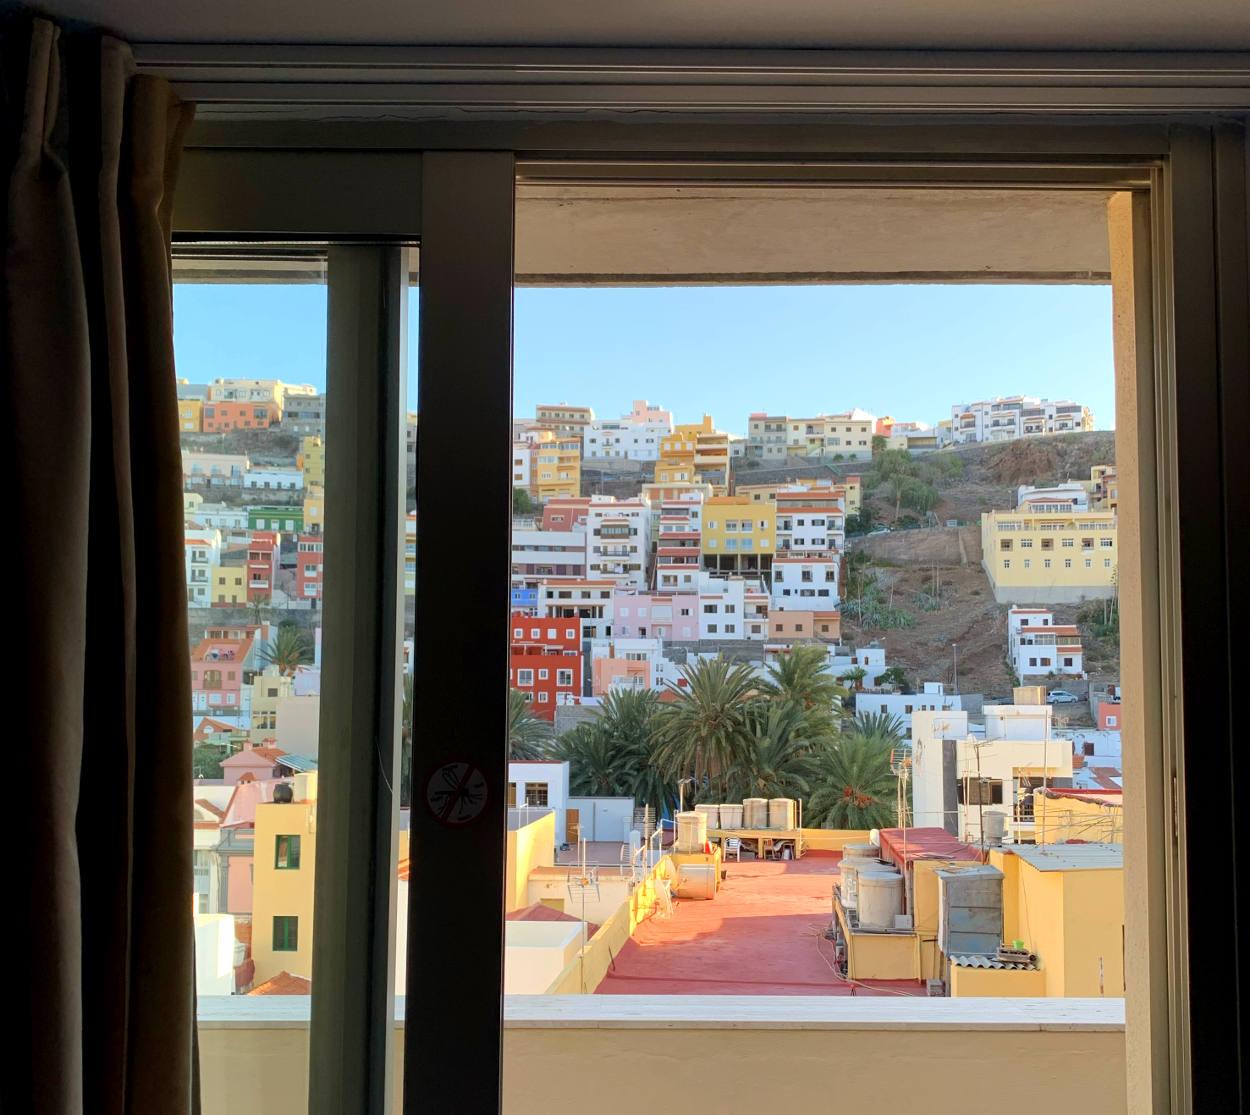 Blick auf einem Fenster auf bunte Häuser an einem Berghang. Die Sonne scheint.